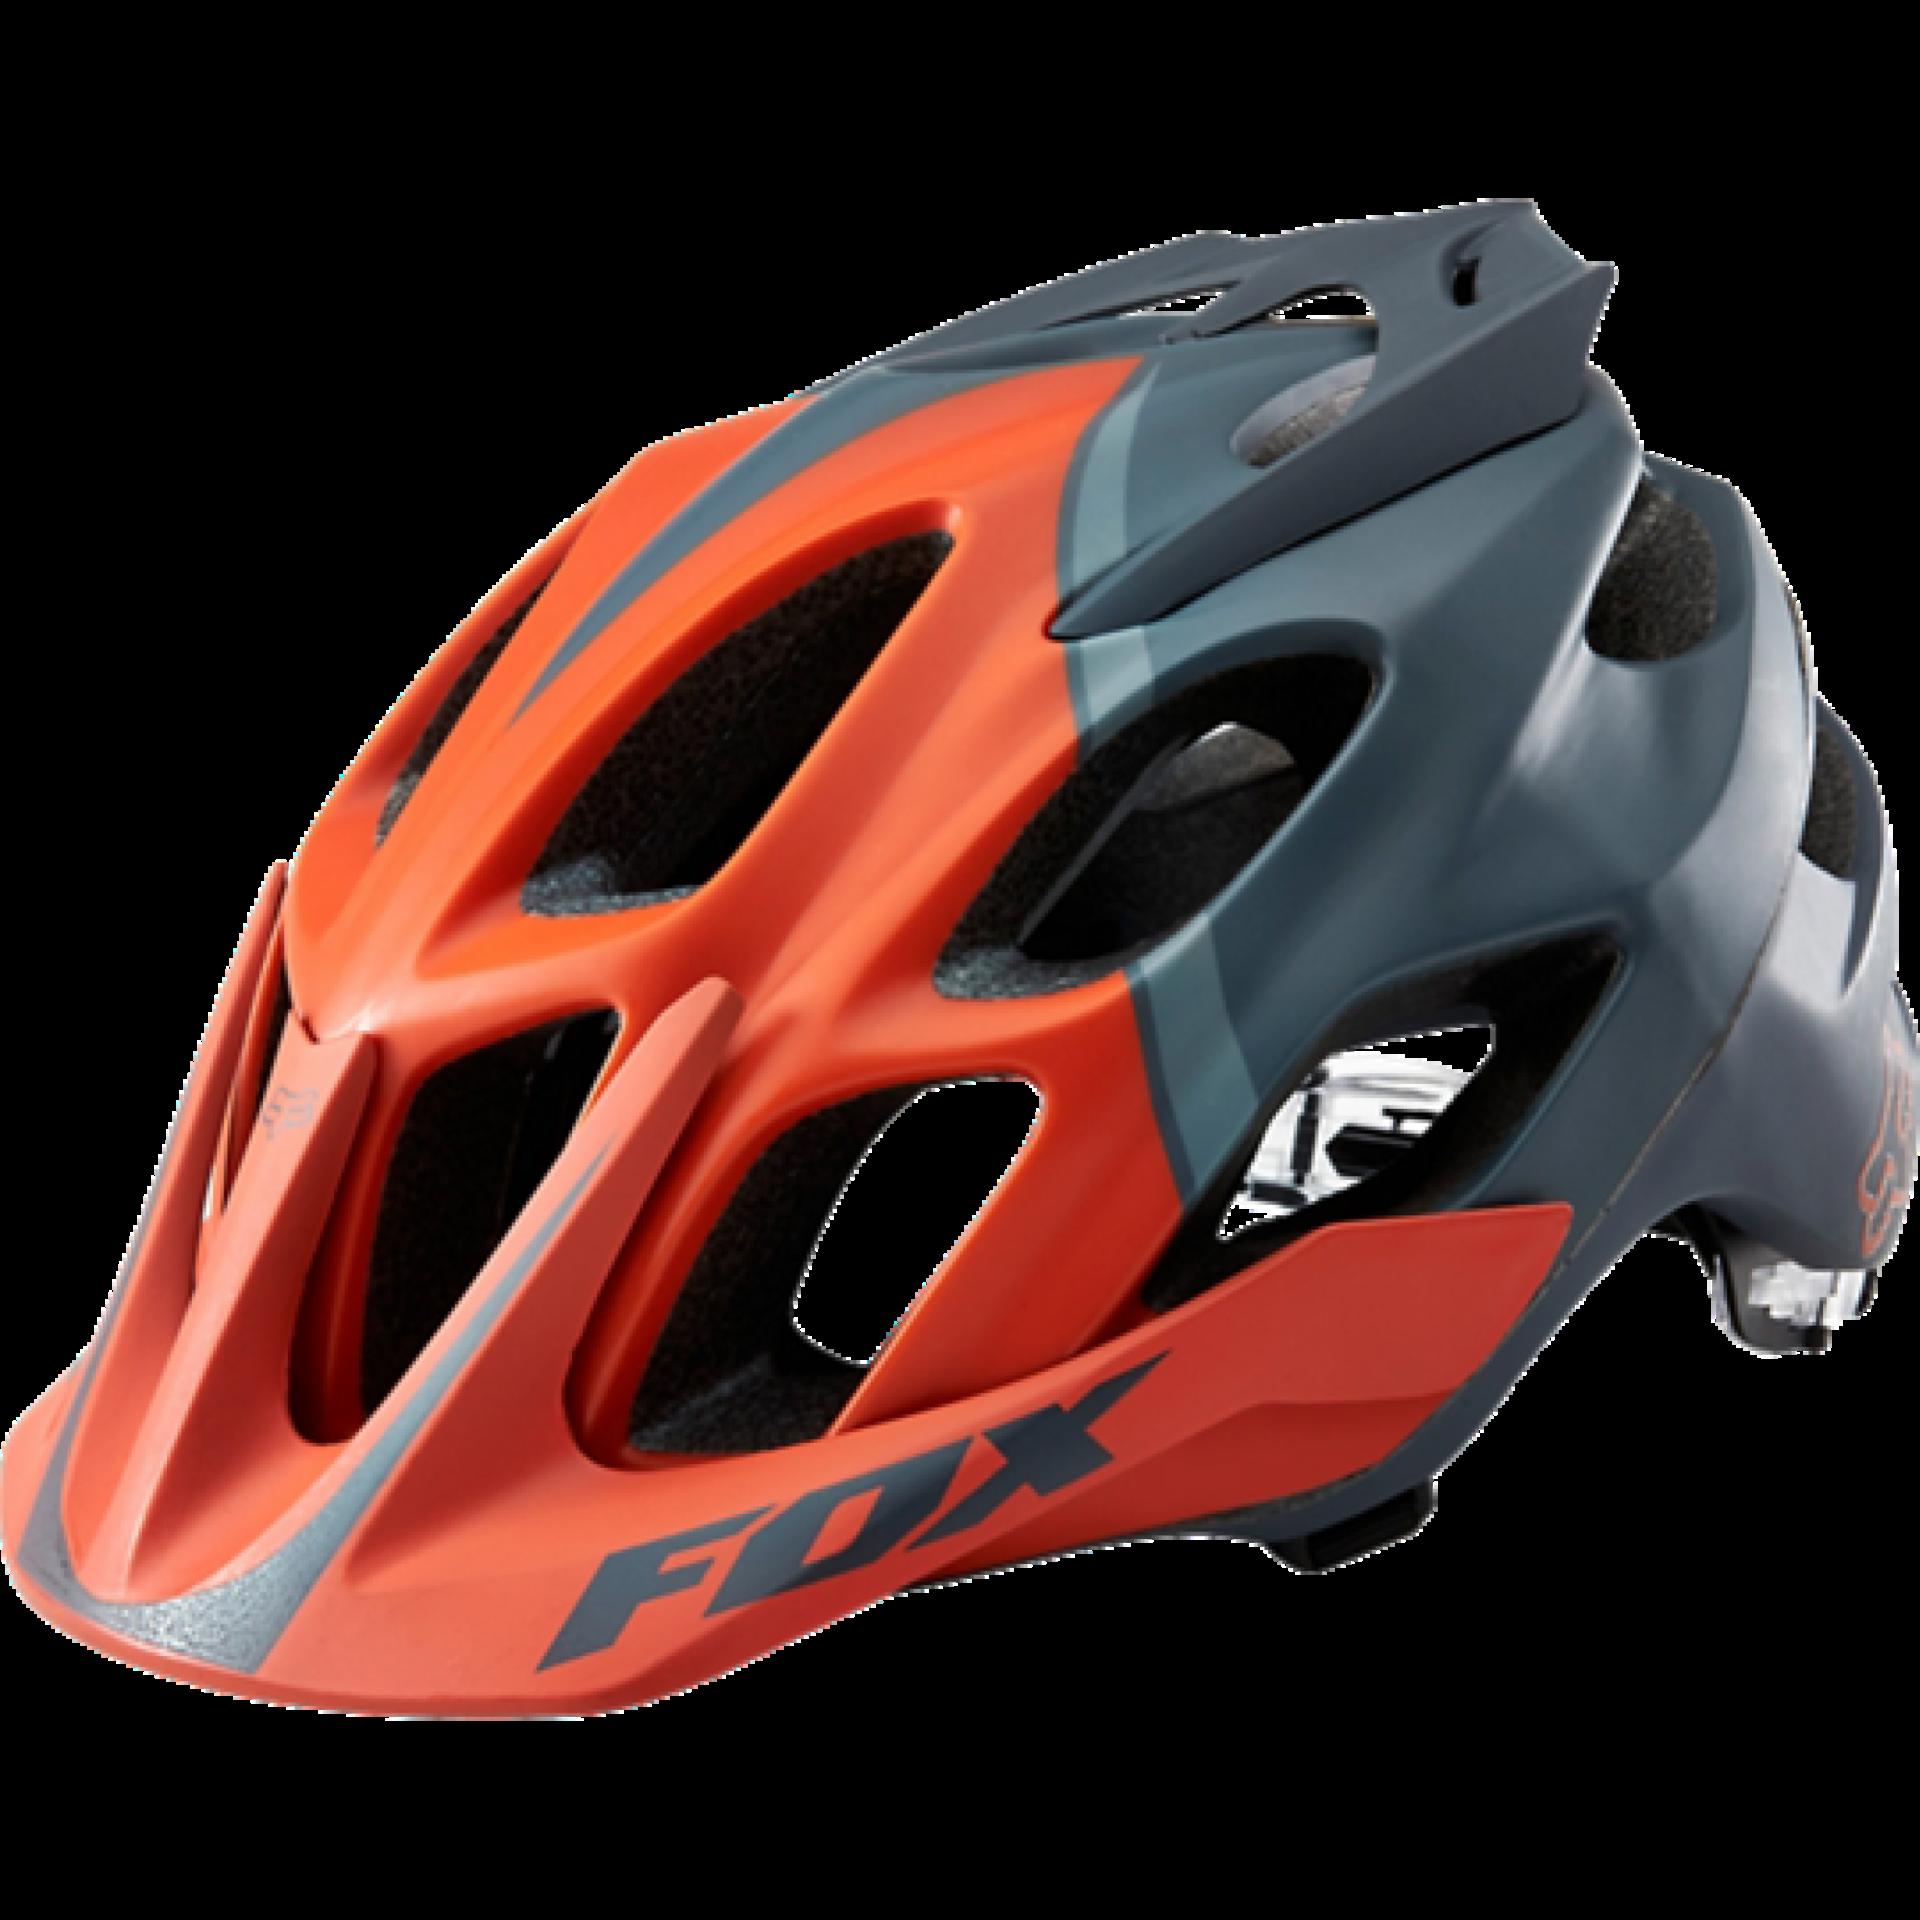 Kask rowerowy Foxhead Flux Helmet pomarańczowy przód